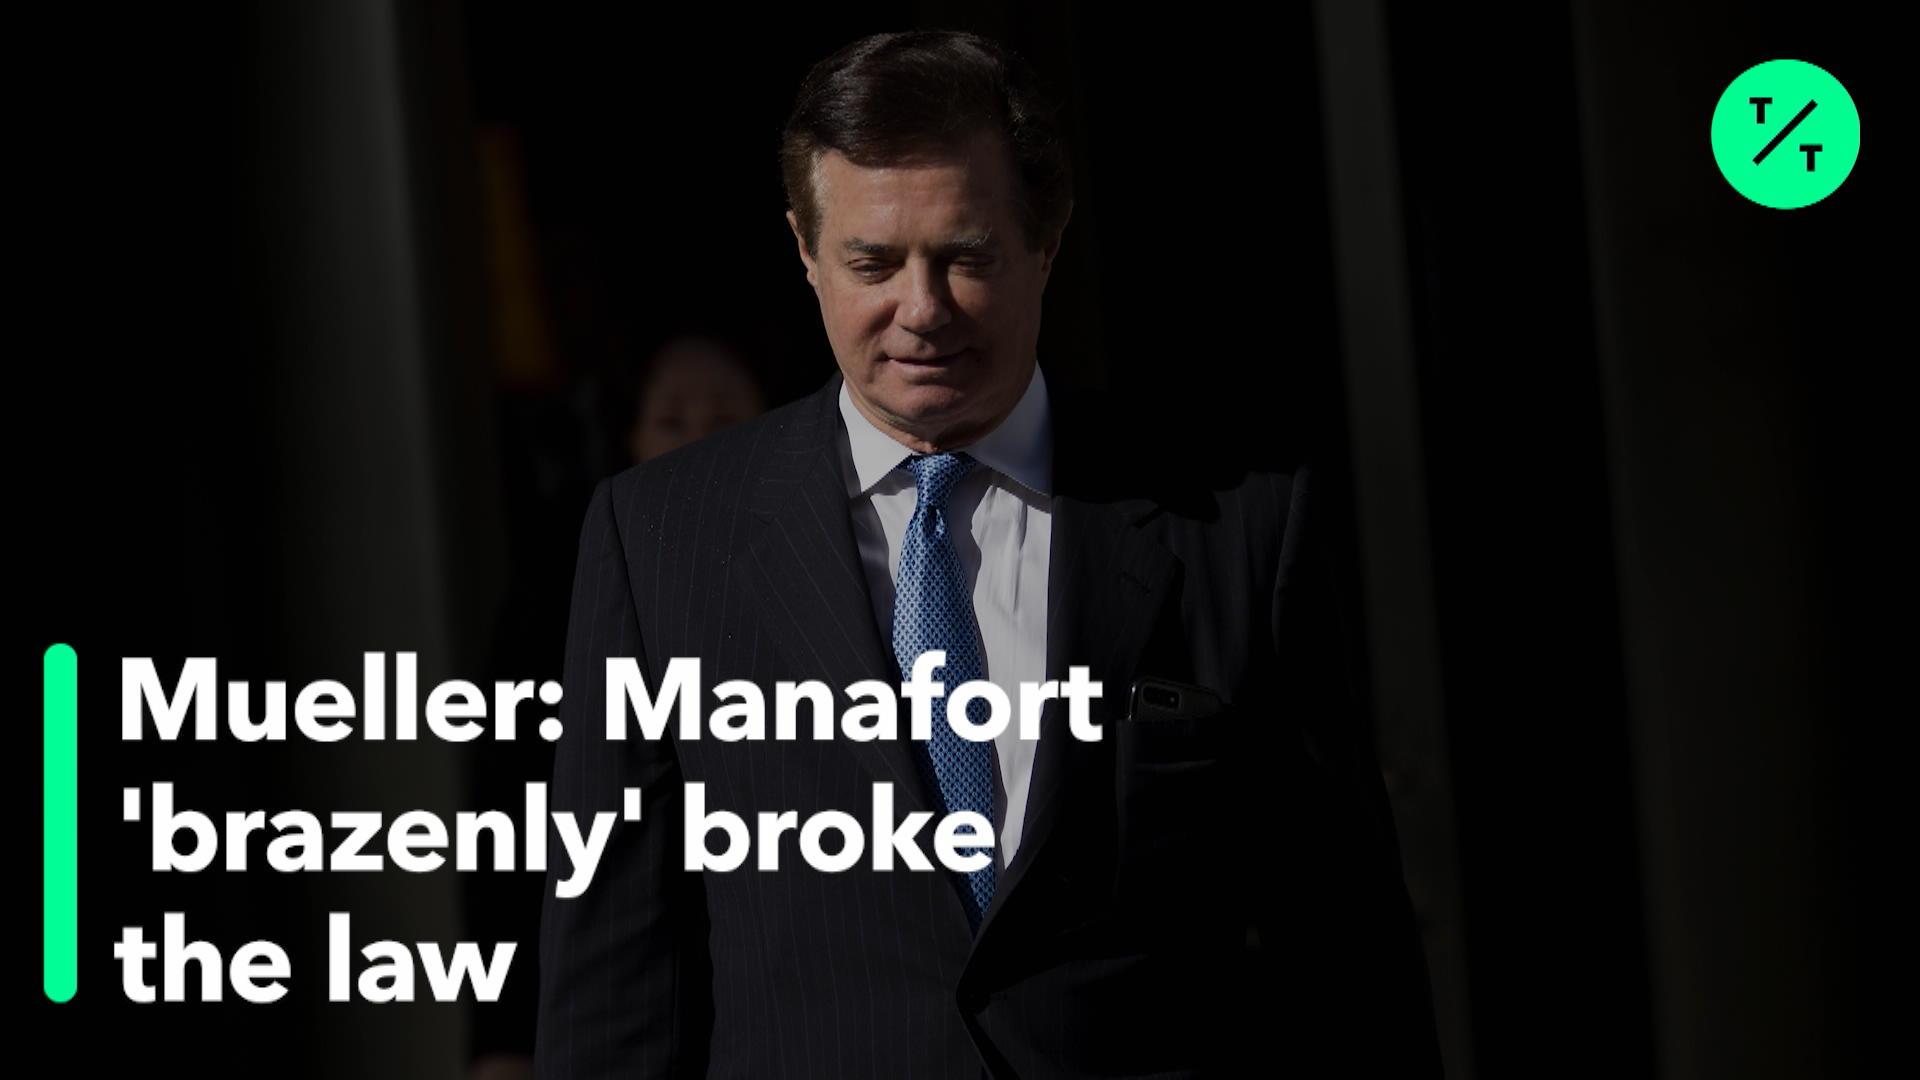 Mueller: Manafort Brazenly Broke Law